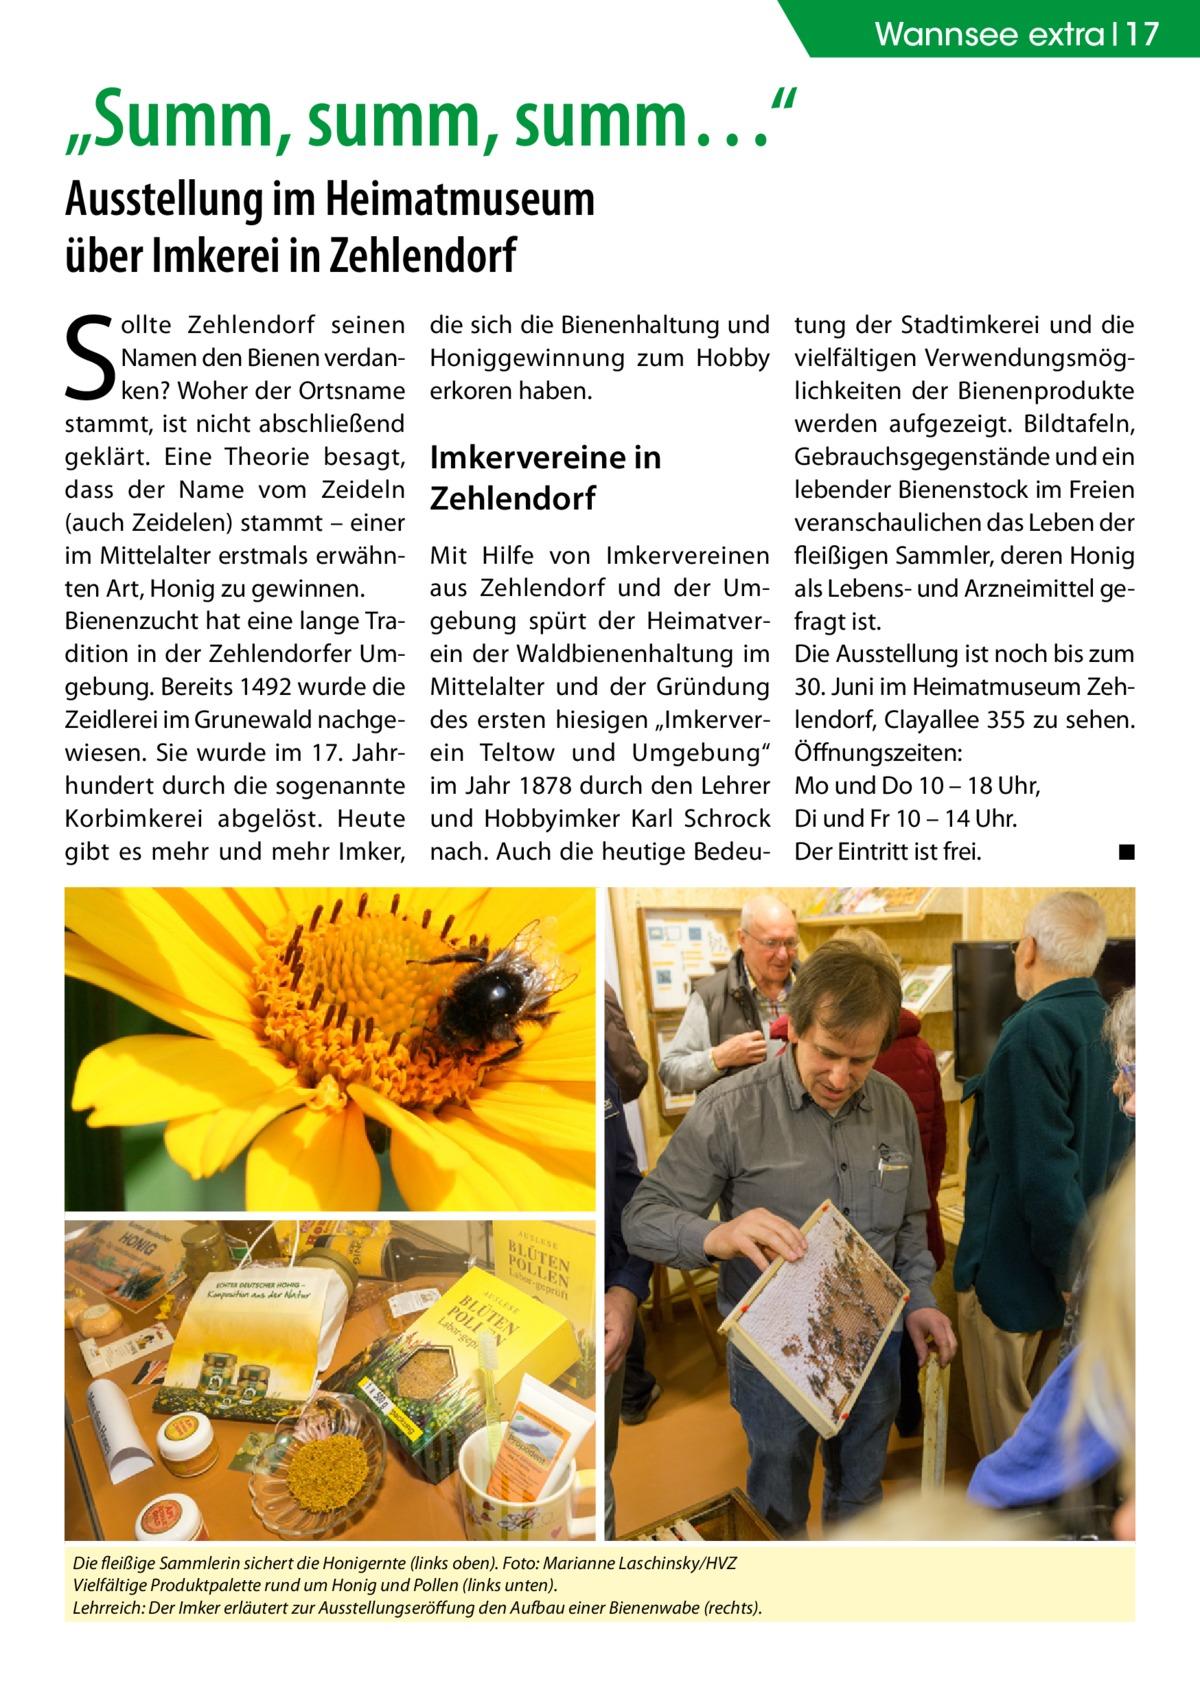 """Wannsee extra 17  """"Summ, summ, summ…"""" Ausstellung im Heimatmuseum über Imkerei in Zehlendorf  S  ollte Zehlendorf seinen Namen den Bienen verdanken? Woher der Ortsname stammt, ist nicht abschließend geklärt. Eine Theorie besagt, dass der Name vom Zeideln (auch Zeidelen) stammt – einer im Mittelalter erstmals erwähnten Art, Honig zu gewinnen. Bienenzucht hat eine lange Tradition in der Zehlendorfer Umgebung. Bereits 1492 wurde die Zeidlerei im Grunewald nachgewiesen. Sie wurde im 17. Jahrhundert durch die sogenannte Korbimkerei abgelöst. Heute gibt es mehr und mehr Imker,  die sich die Bienenhaltung und tung der Stadtimkerei und die Honiggewinnung zum Hobby vielfältigen Verwendungsmöglichkeiten der Bienenprodukte erkoren haben. werden aufgezeigt. Bildtafeln, Gebrauchsgegenstände und ein Imkervereine in lebender Bienenstock im Freien Zehlendorf veranschaulichen das Leben der Mit Hilfe von Imkervereinen fleißigen Sammler, deren Honig aus Zehlendorf und der Um- als Lebens- und Arzneimittel gegebung spürt der Heimatver- fragt ist. ein der Waldbienenhaltung im Die Ausstellung ist noch bis zum Mittelalter und der Gründung 30. Juni im Heimatmuseum Zehdes ersten hiesigen """"Imkerver- lendorf, Clayallee 355 zu sehen. ein Teltow und Umgebung"""" Öffnungszeiten: im Jahr 1878 durch den Lehrer Mo und Do 10 – 18 Uhr, und Hobbyimker Karl Schrock Di und Fr 10 – 14 Uhr. nach. Auch die heutige Bedeu- Der Eintritt ist frei. � ◾  Die fleißige Sammlerin sichert die Honigernte (links oben). Foto: Marianne Laschinsky/HVZ Vielfältige Produktpalette rund um Honig und Pollen (links unten). Lehrreich: Der Imker erläutert zur Ausstellungseröffung den Aufbau einer Bienenwabe (rechts)."""